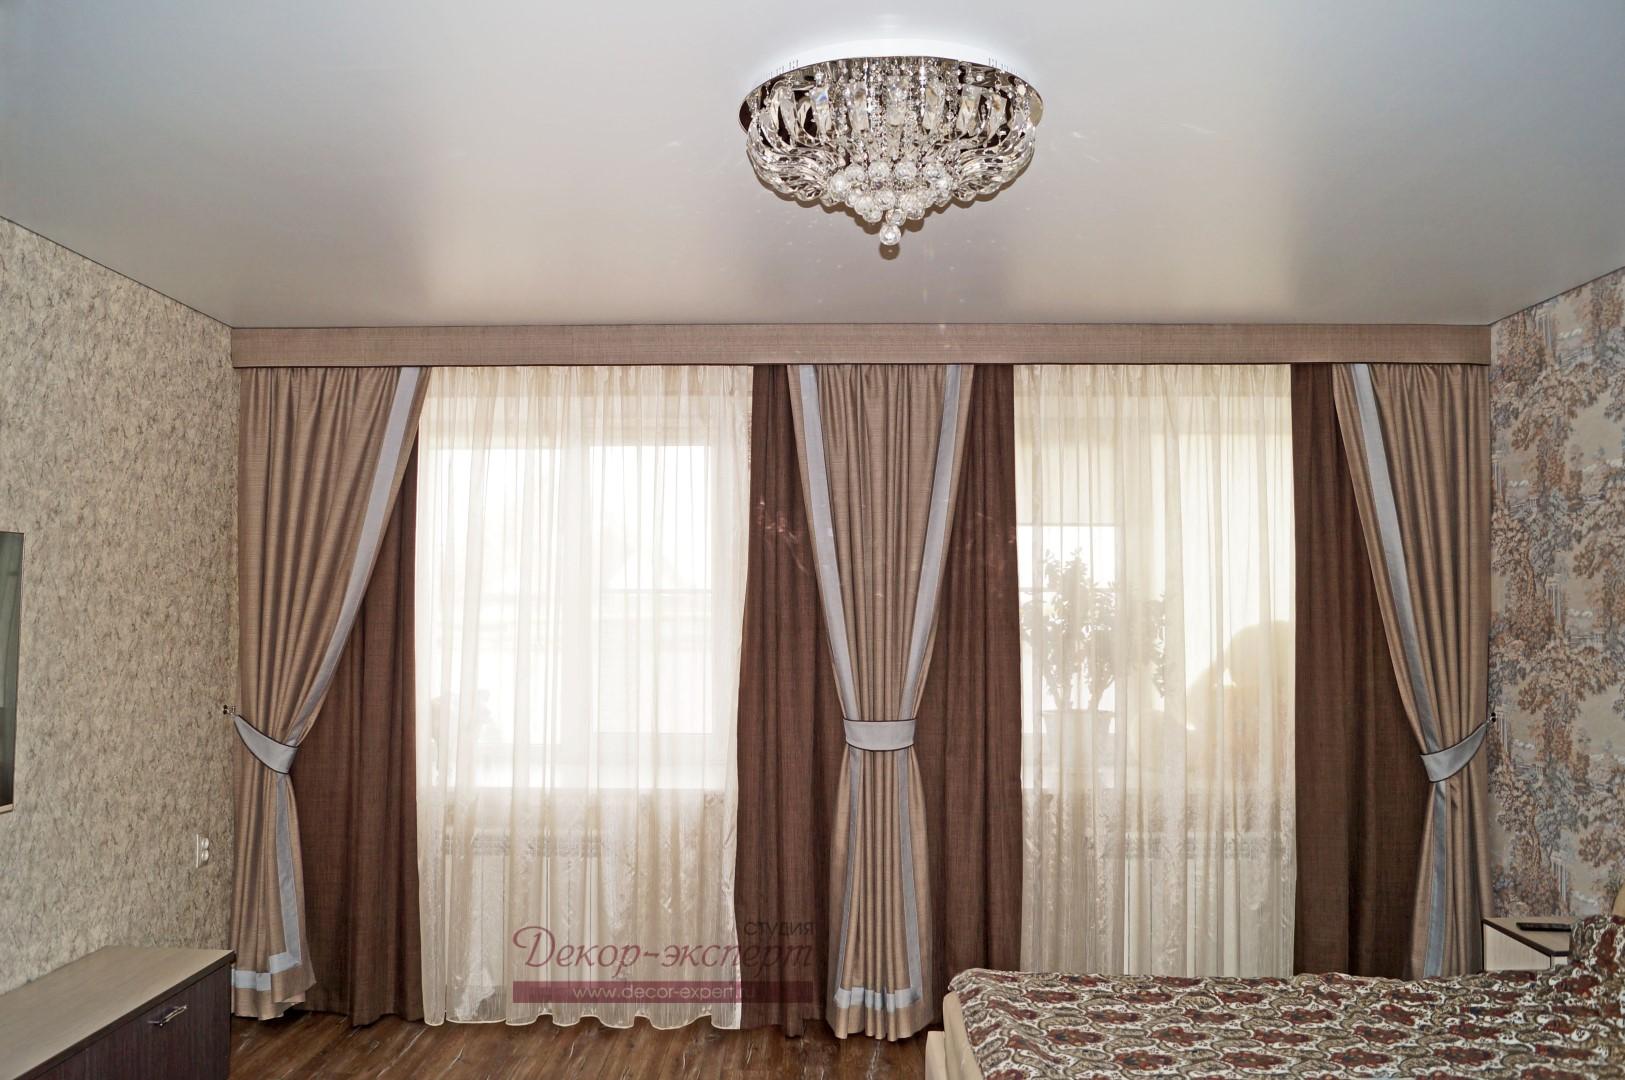 Финальный вид штор с гладким ламбрекеном в спальне.